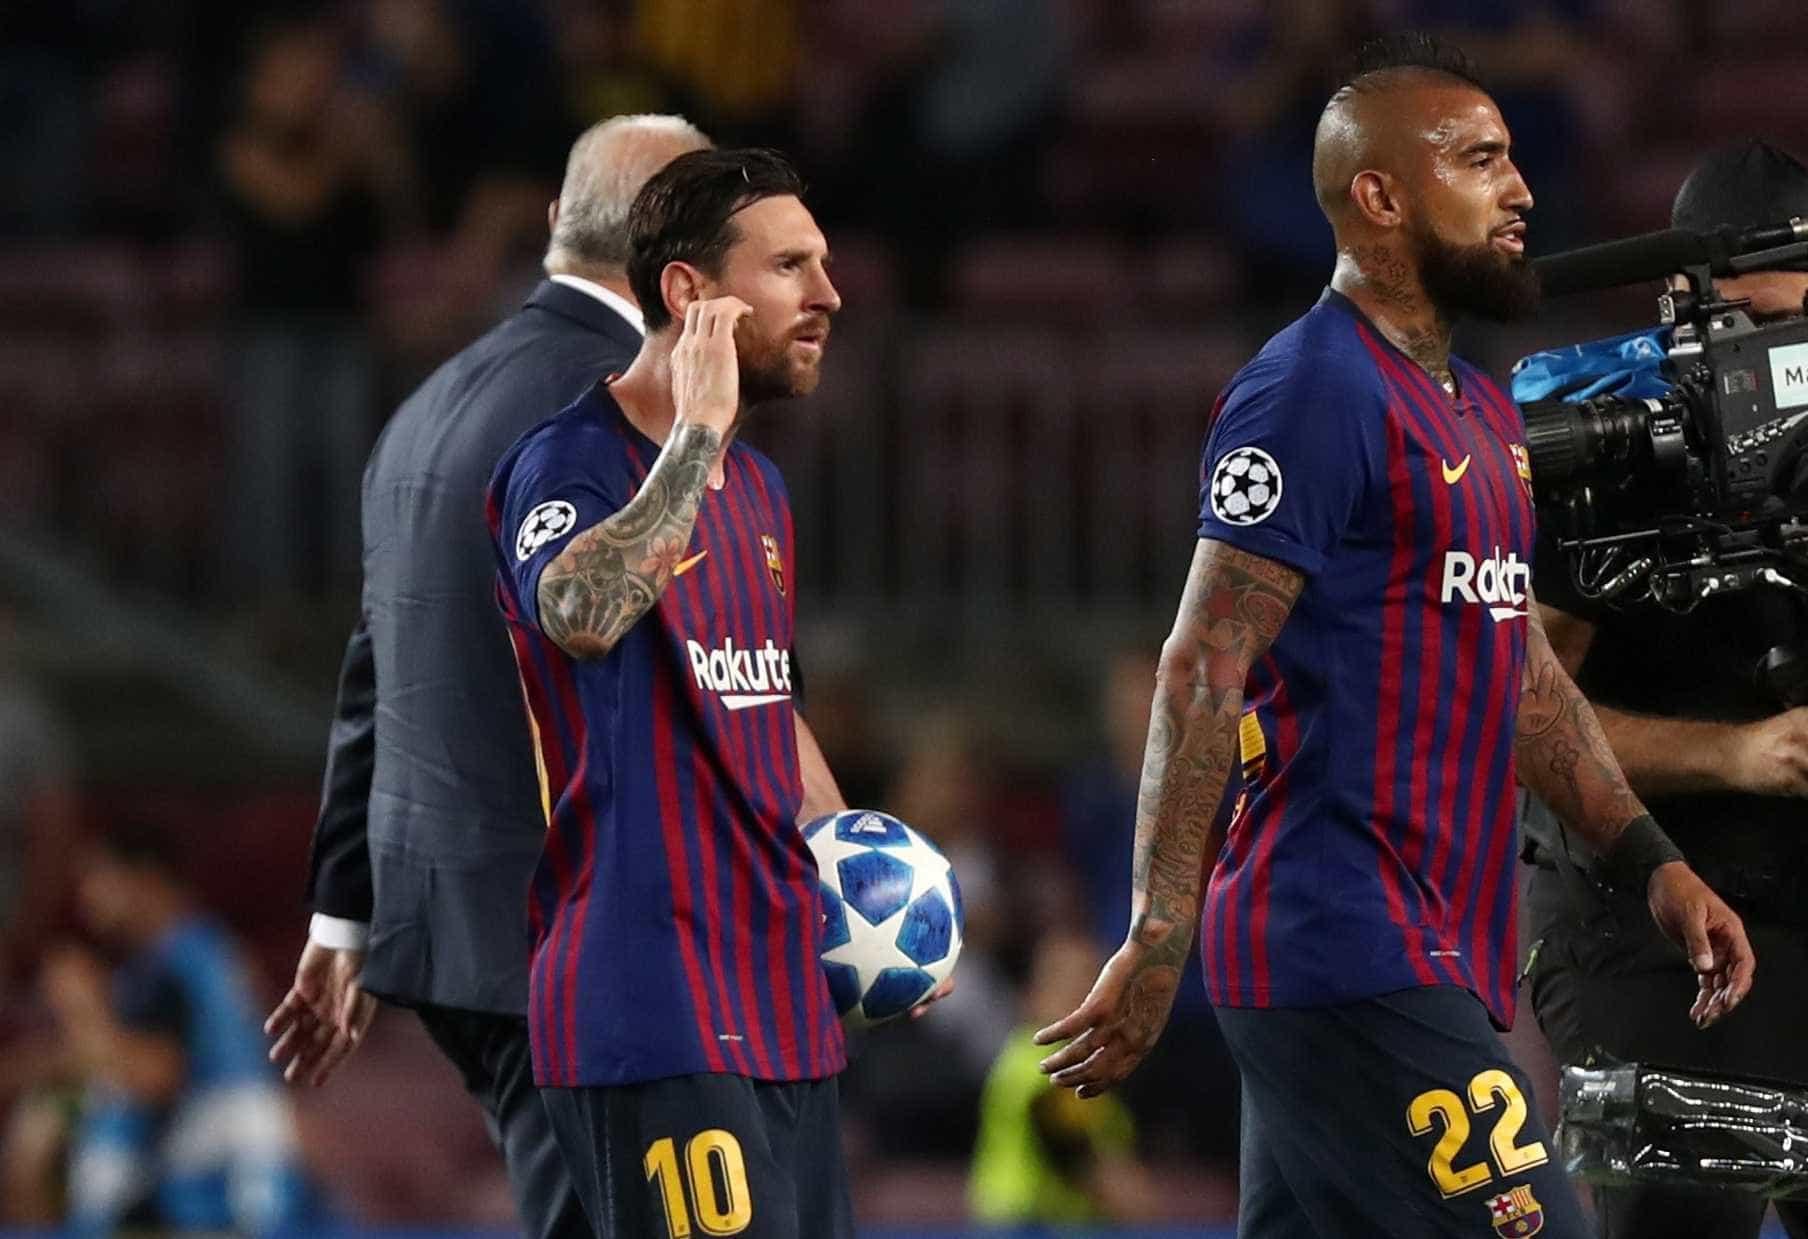 Barcelona chega a quarto jogo sem vitória e cai para 2° no Espanhol